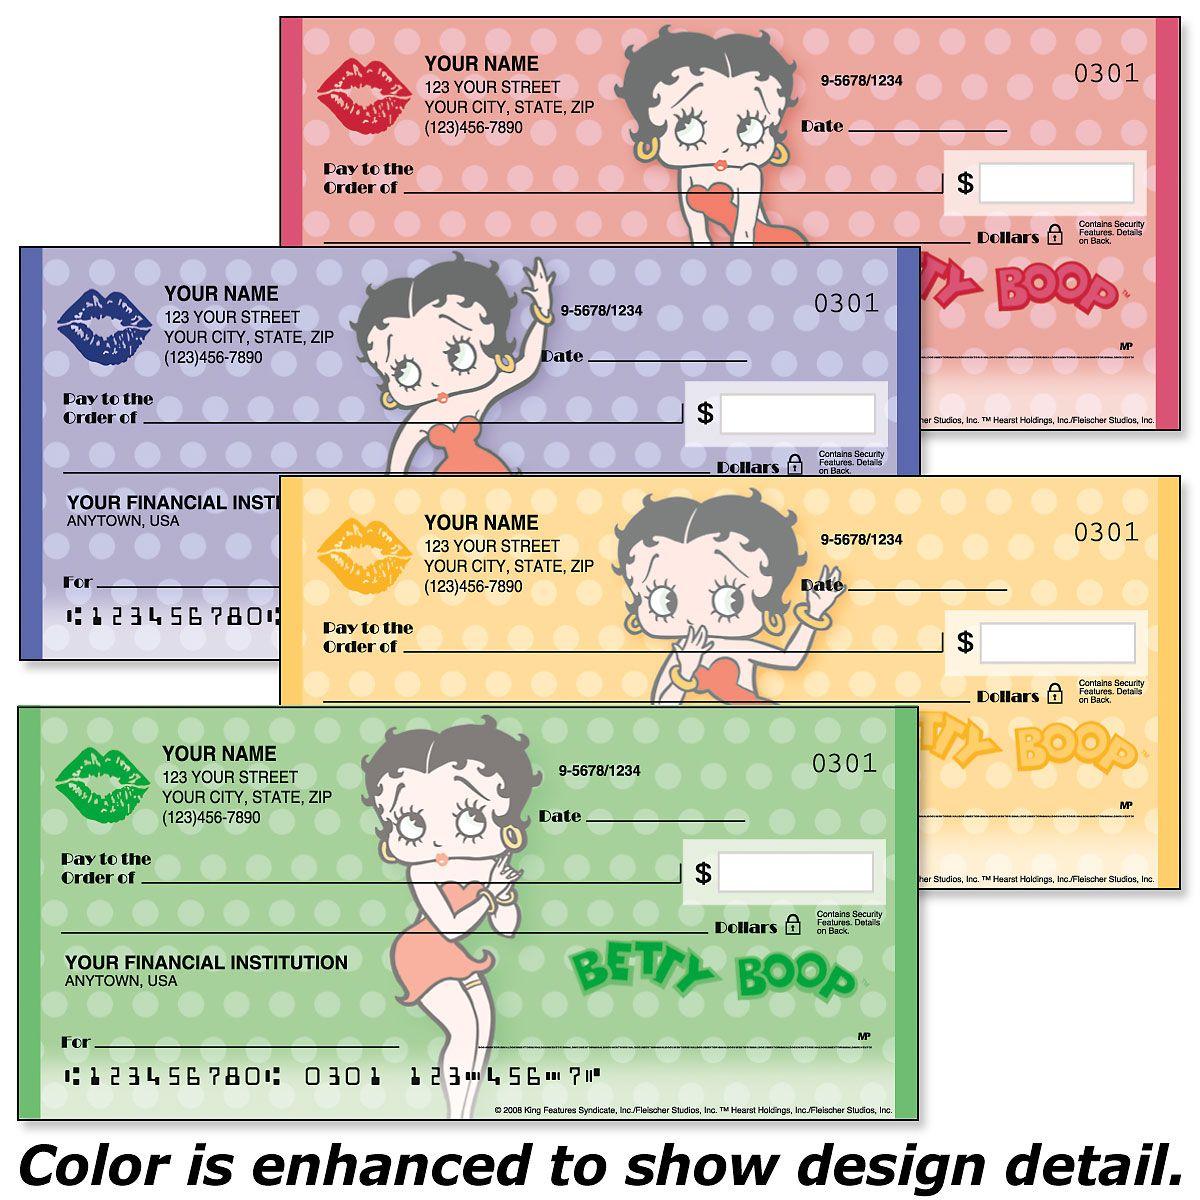 Betty Boop™ Premium Checks